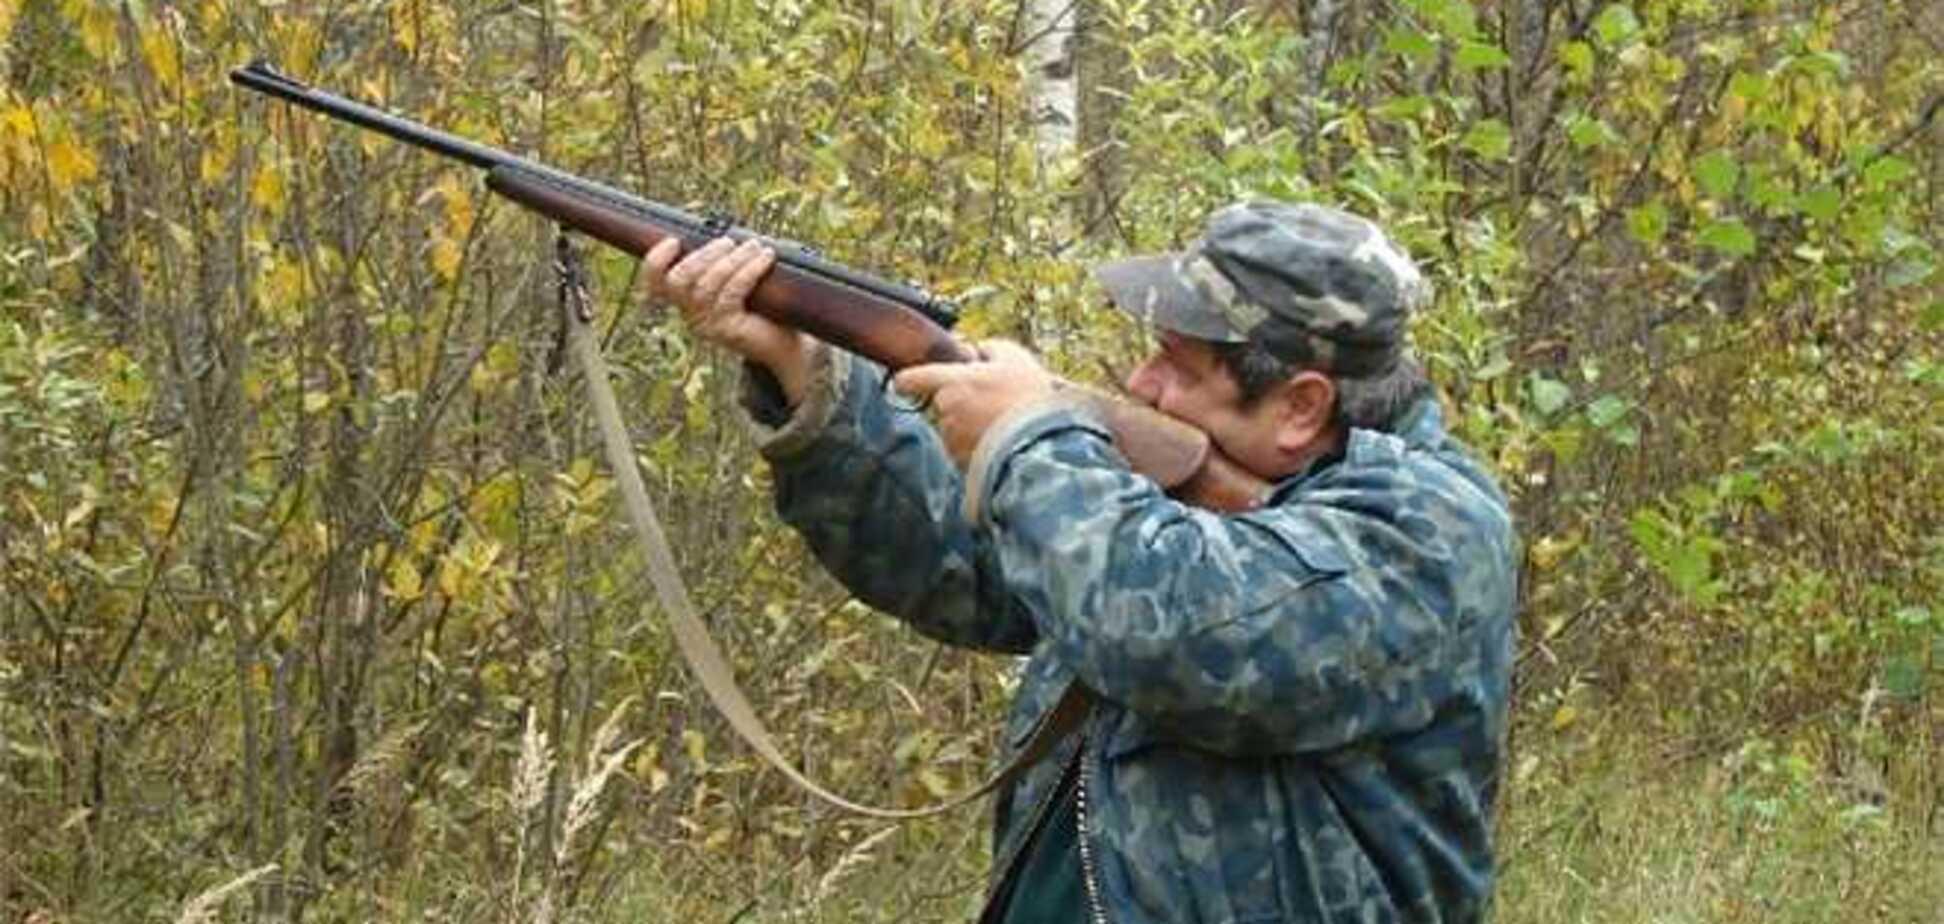 Працівник Львівської обладміністрації випадково вбив на полюванні чиновника облради